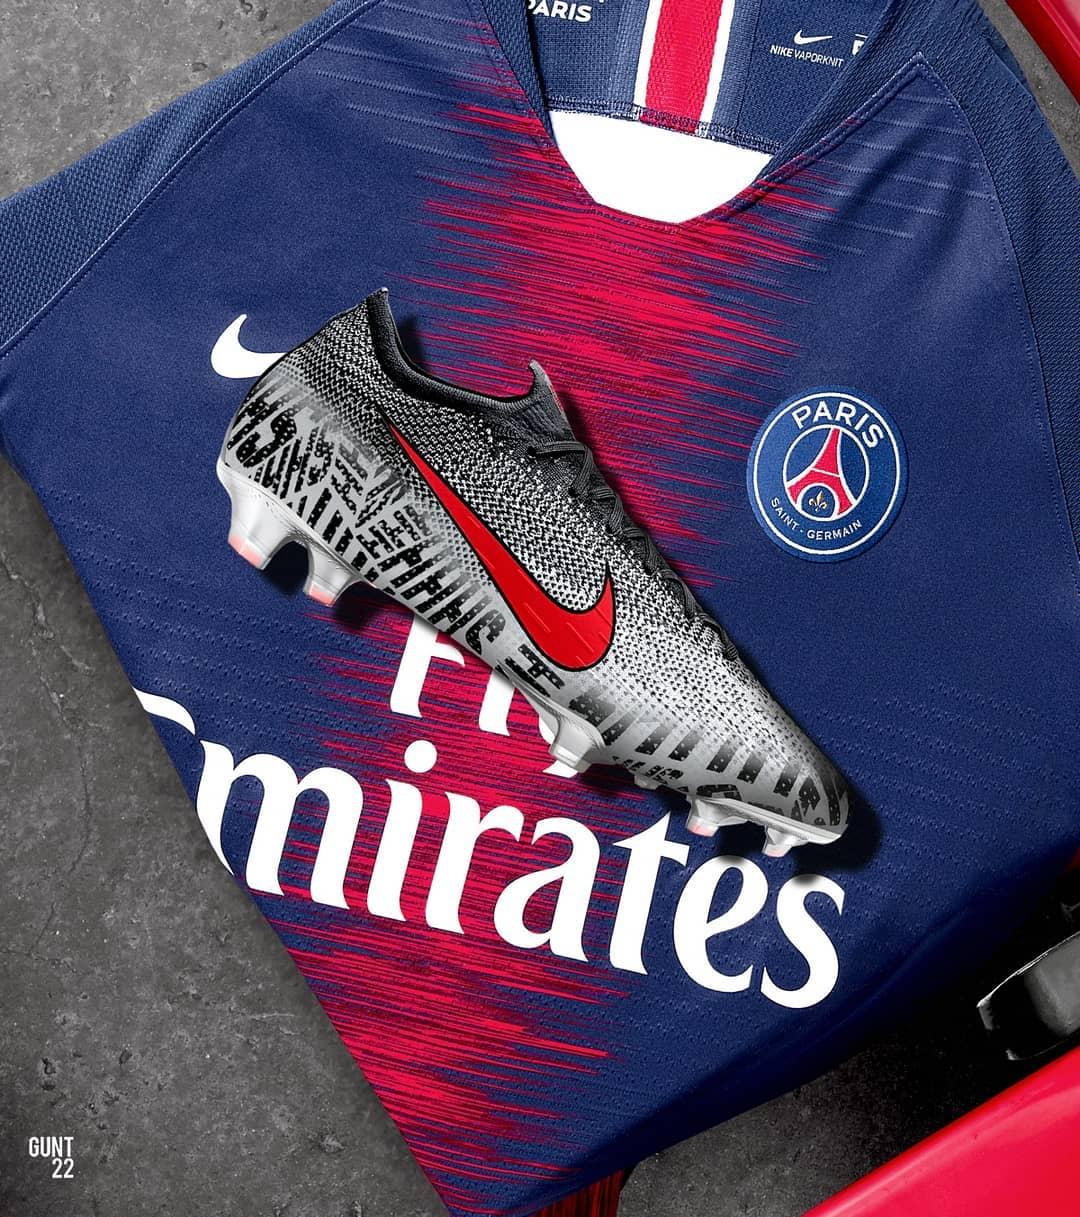 Nike Mercurial Neymar 2019 Shhh Signature Boots Leaked Futbolgrid